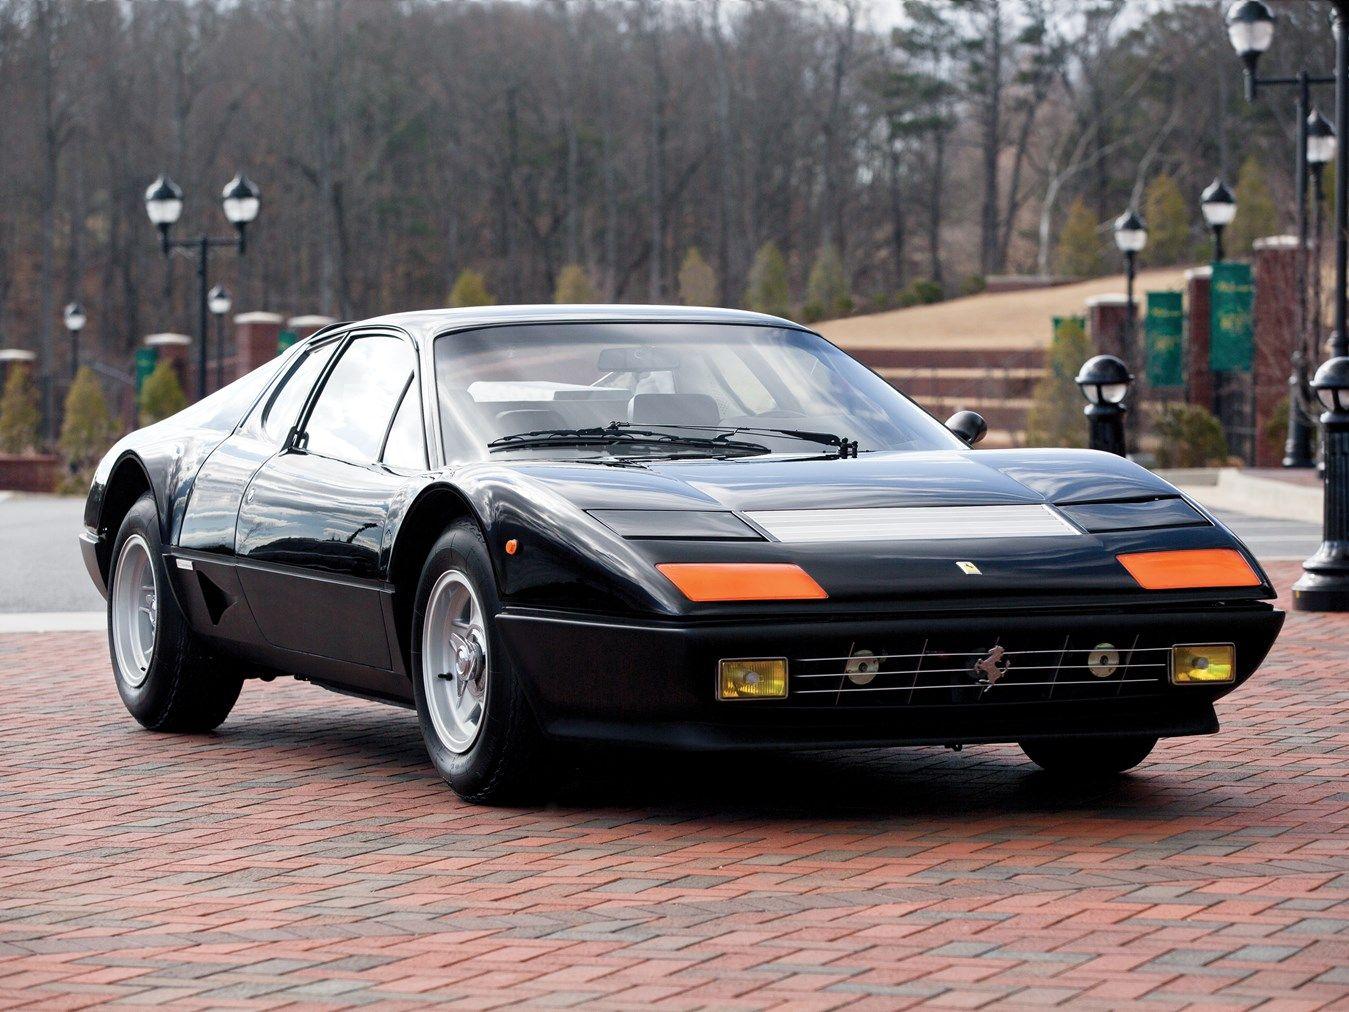 1980 Ferrari 512 BB Ferrari, Car manufacturers